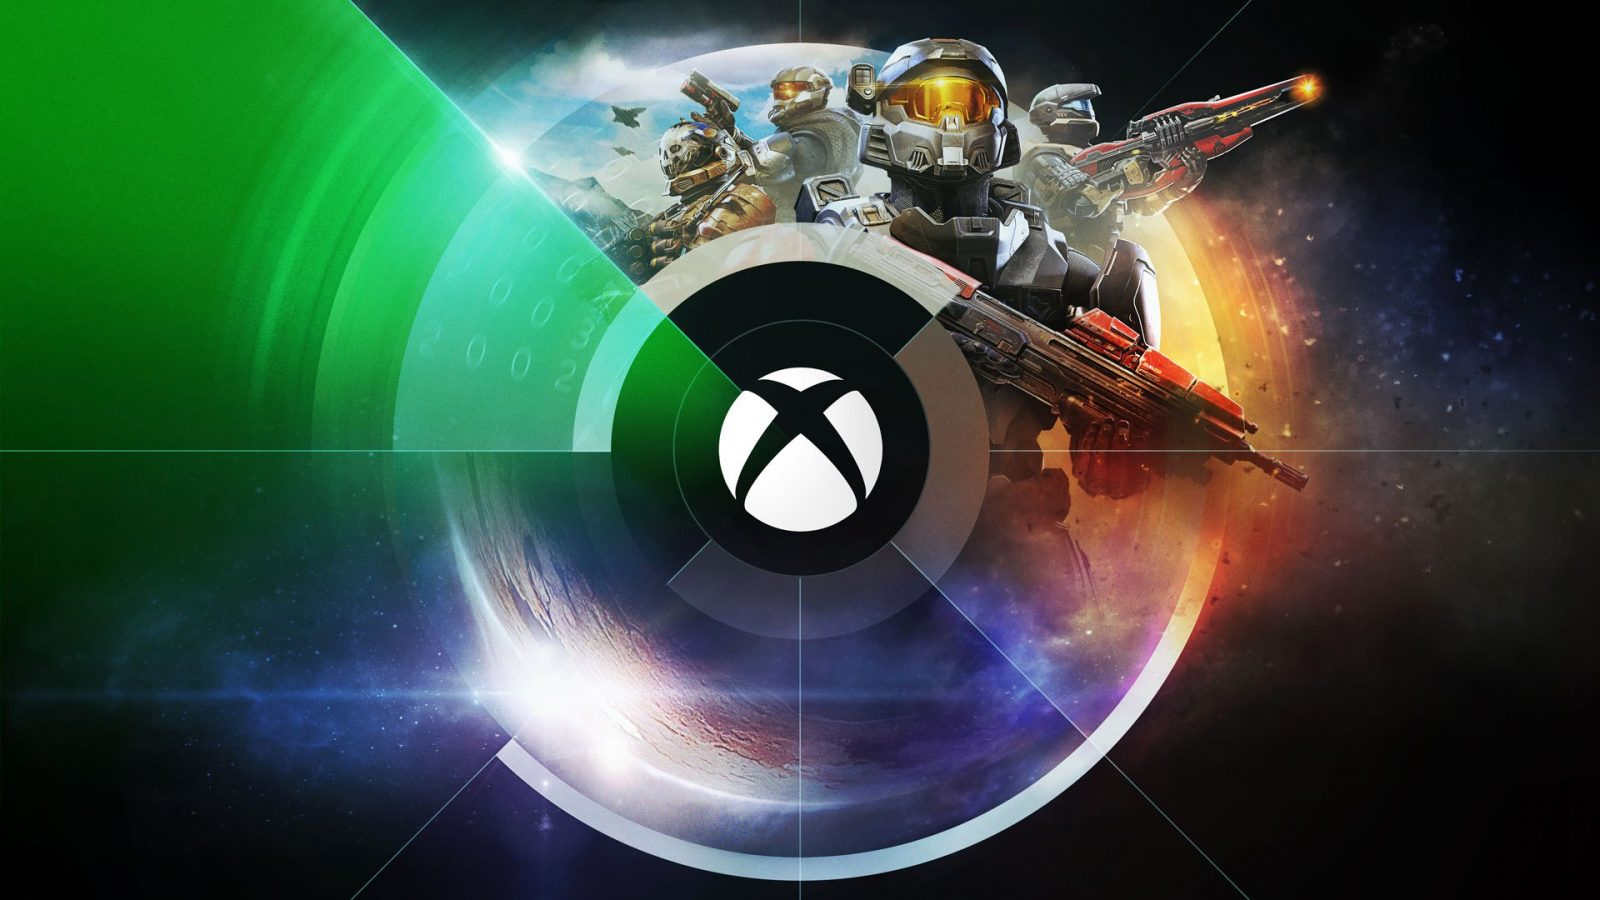 XboxBethesda_1920-1600x900